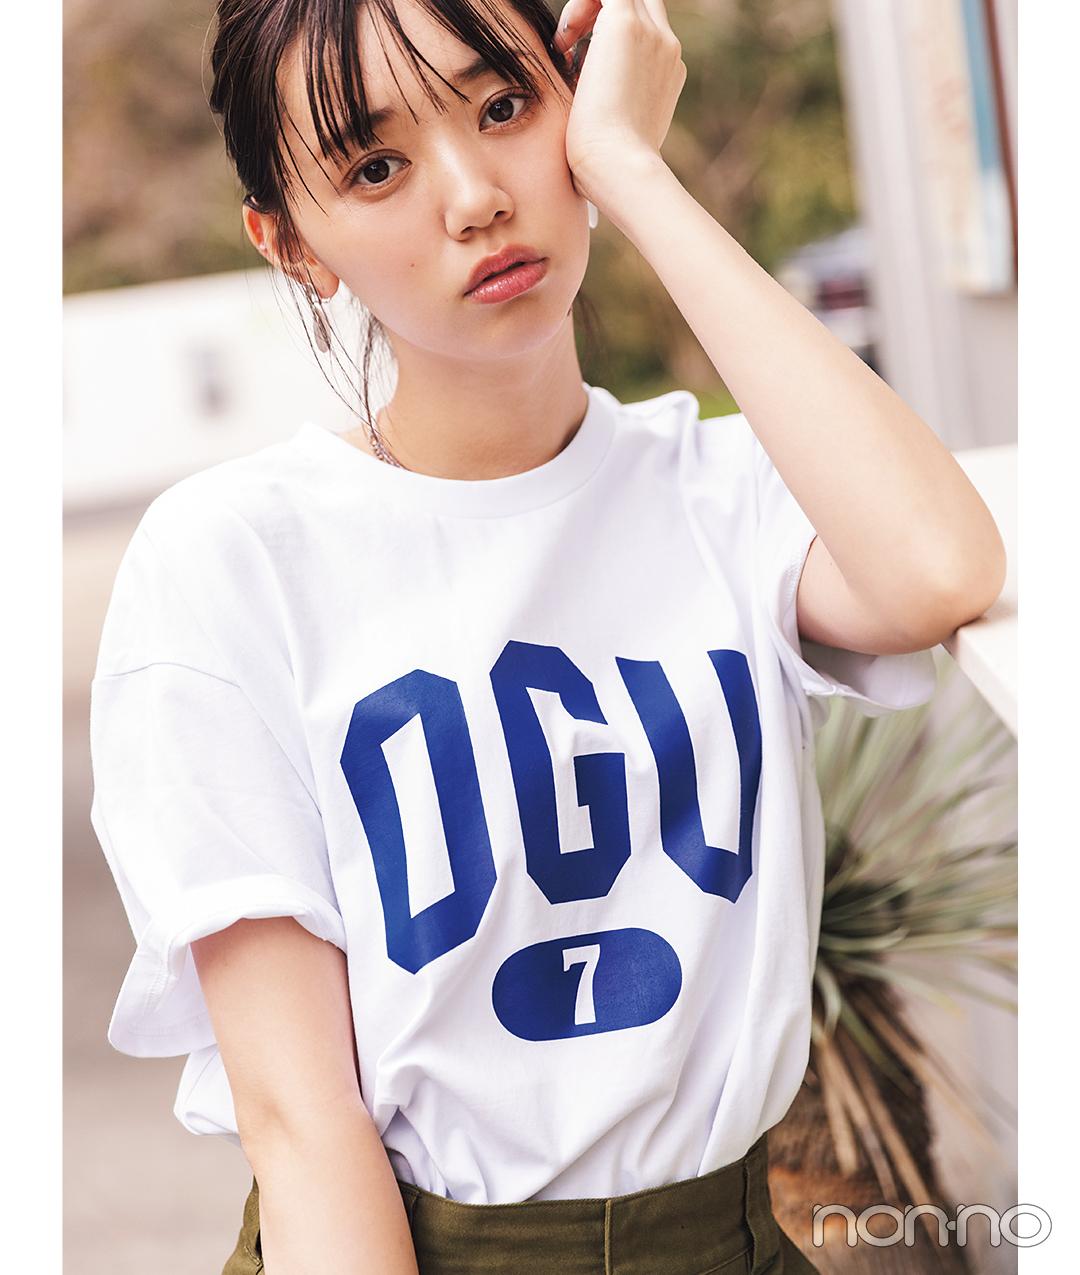 江野沢愛美が着るSTANDSEVENのショップTシャツコーデ34